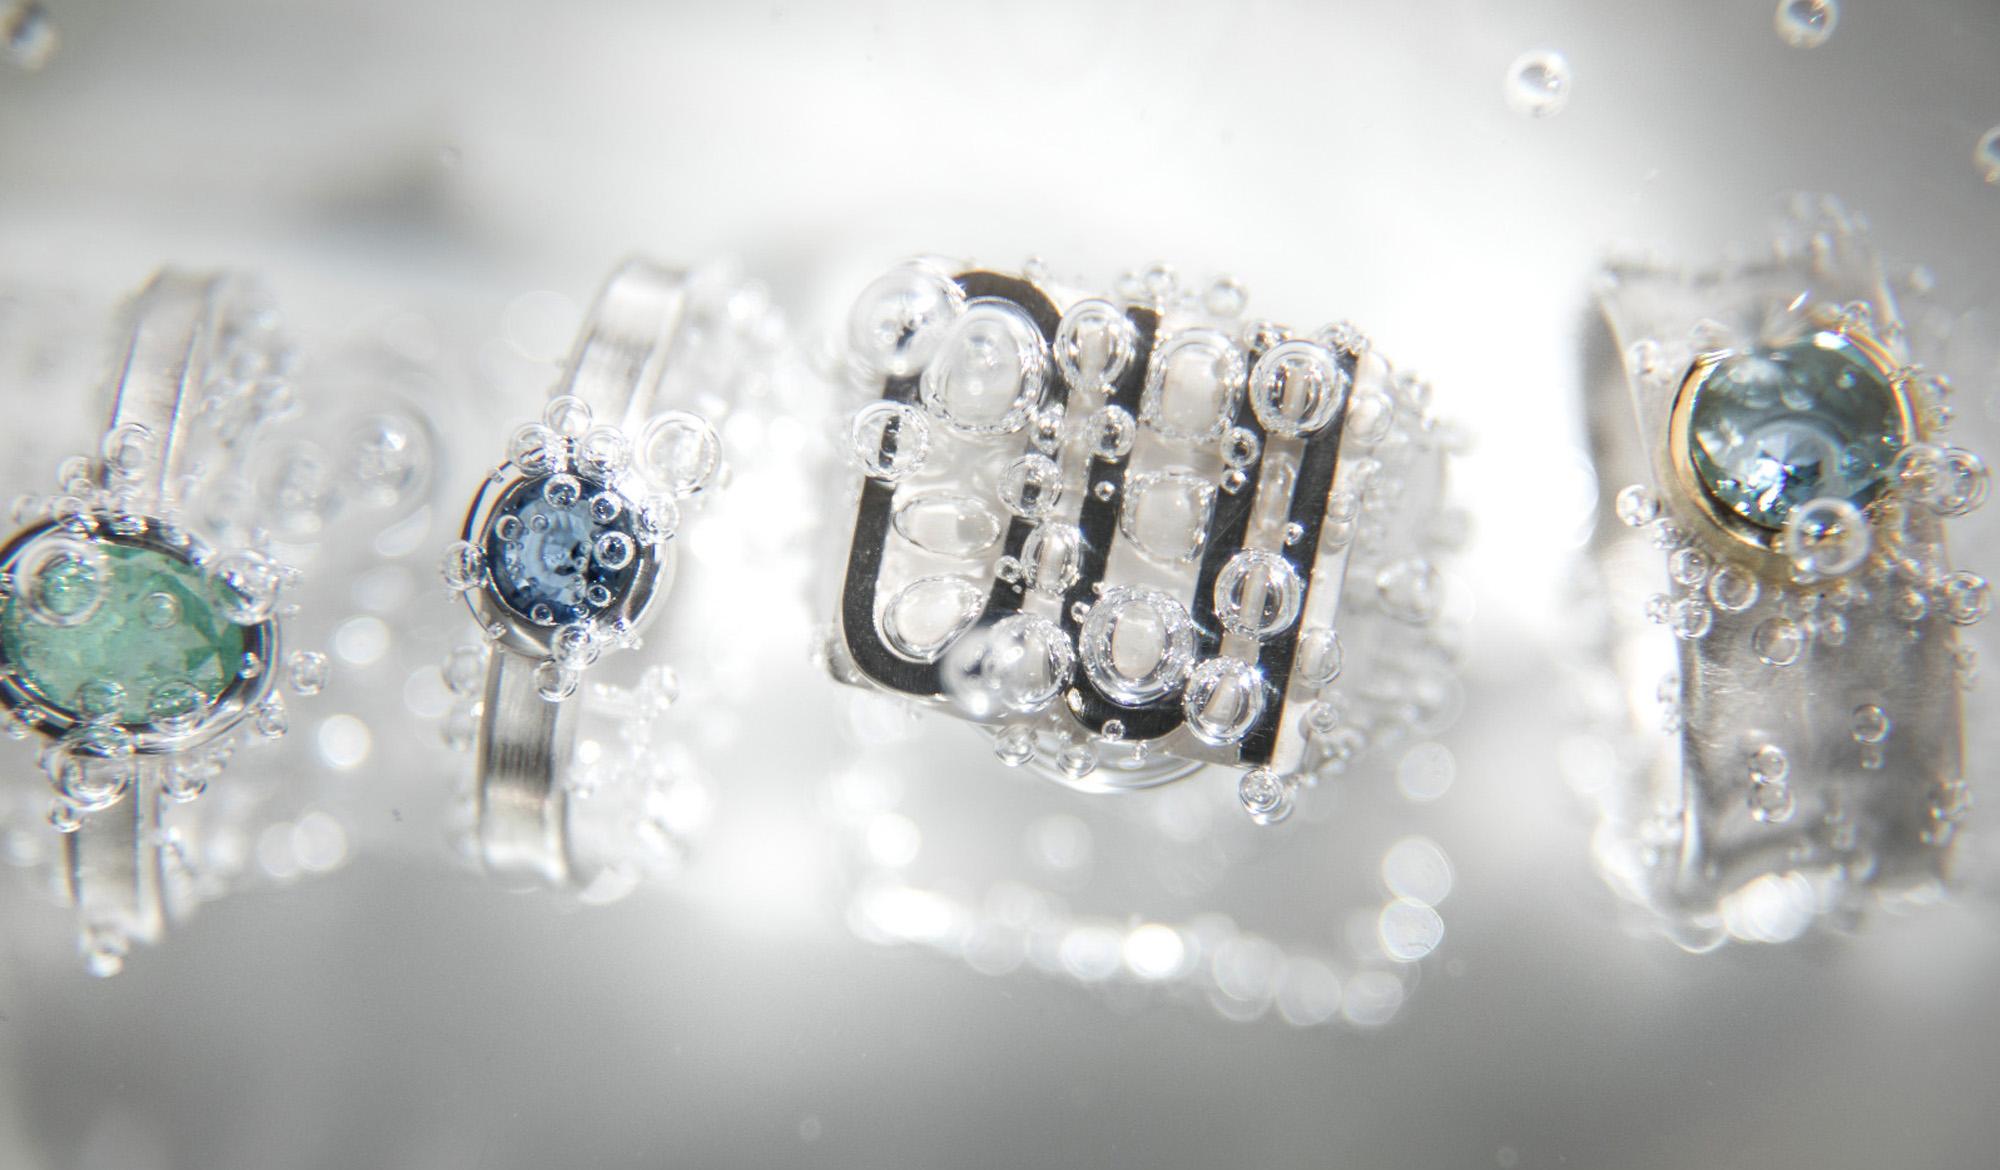 Angelika Hanstein Hamburg. Oui-Ring: Ringe in 925/000 Sterlingsilber mit hellgruenem Paraiba-Turmalin und kleinem blauen Saphir bzw. Safir. Rechts aussen ein großer, hellblauer Aquamarin.